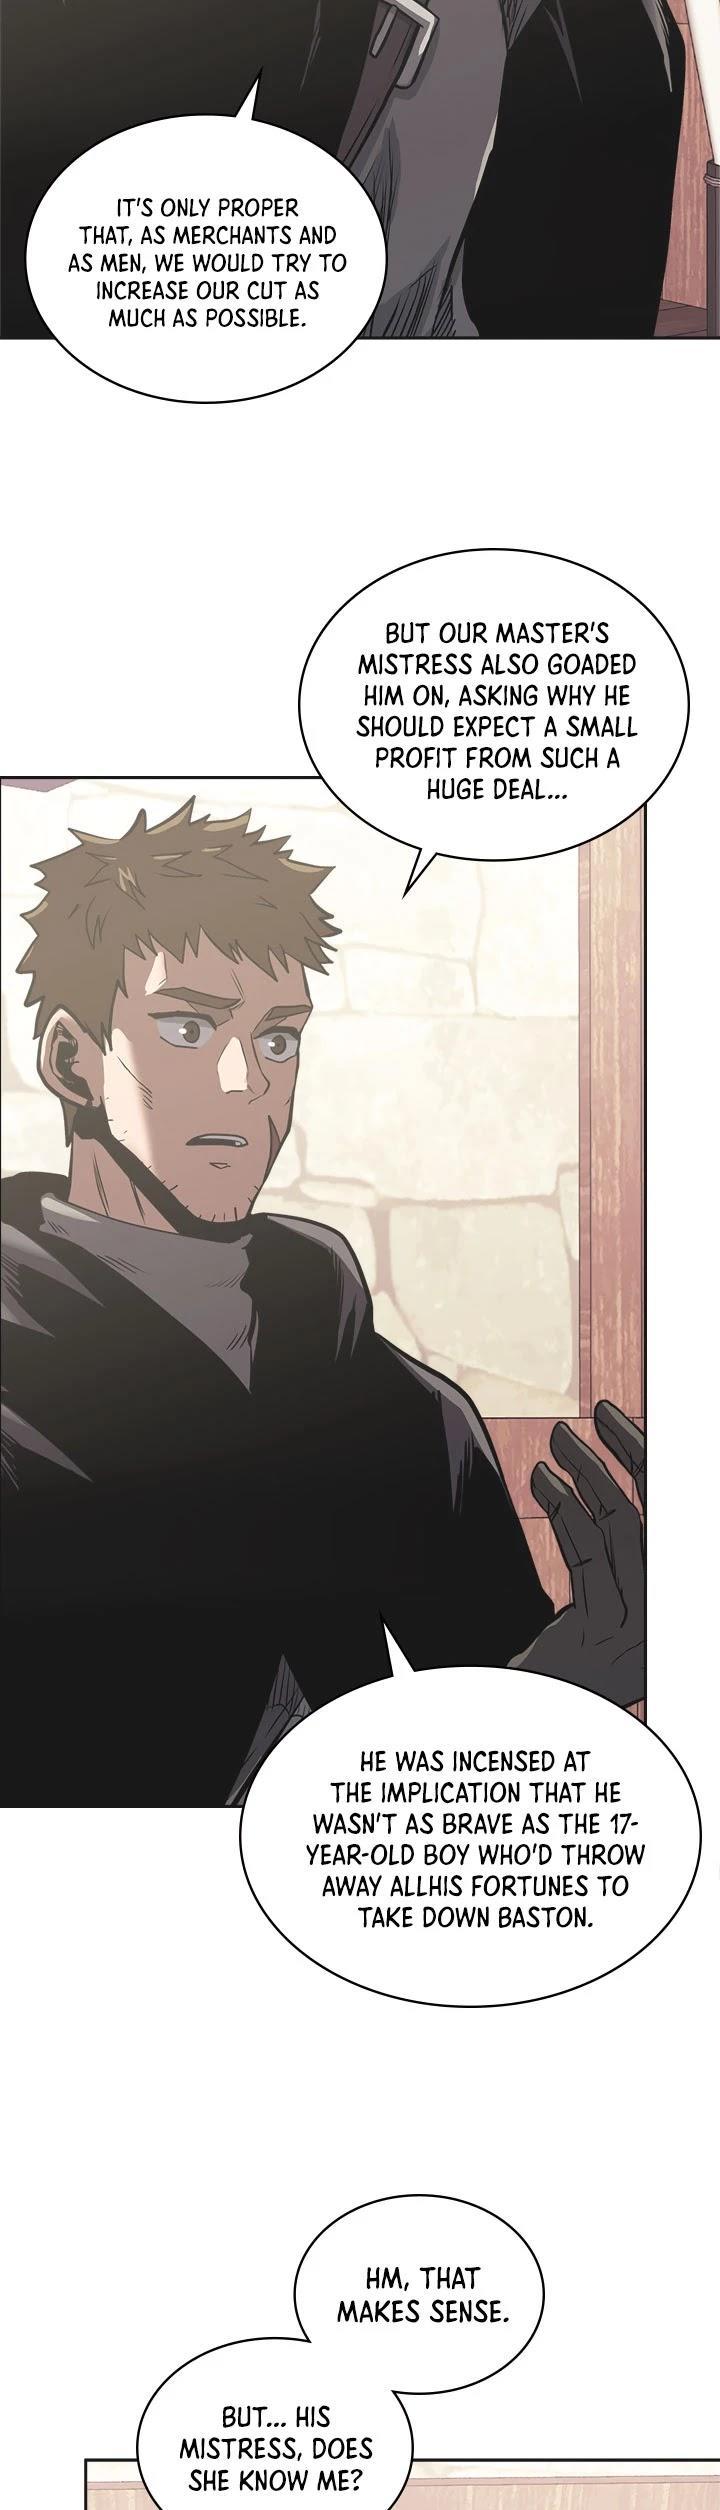 Other World Warrior Chapter 168: Season 4 Ch 56 page 22 - Mangakakalot